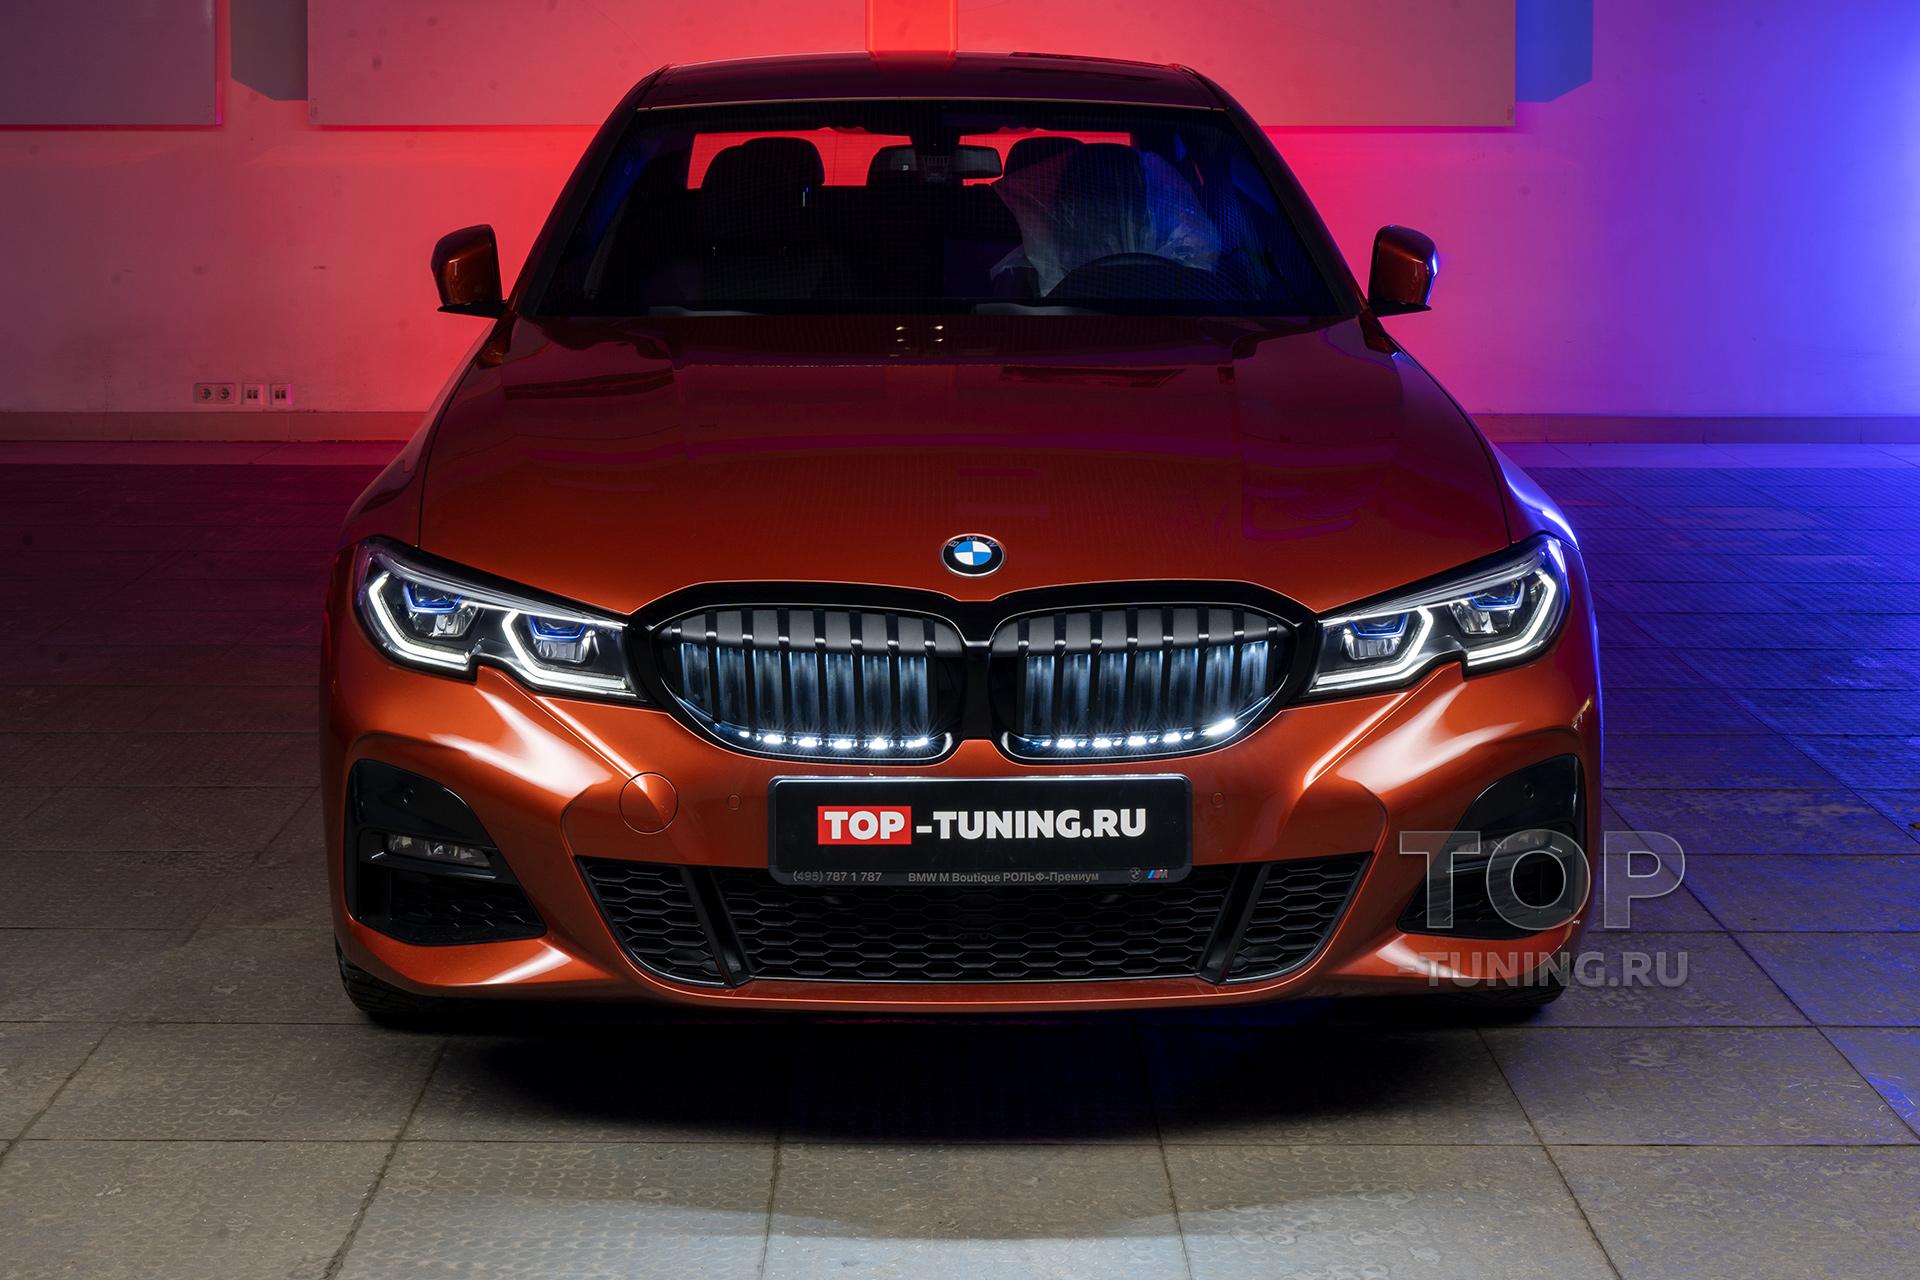 Решетка (ноздри) с подсветкой Iconic Glow для BMW 3 G20 (Оригинал) Установка в Топ Тюнинг Москва